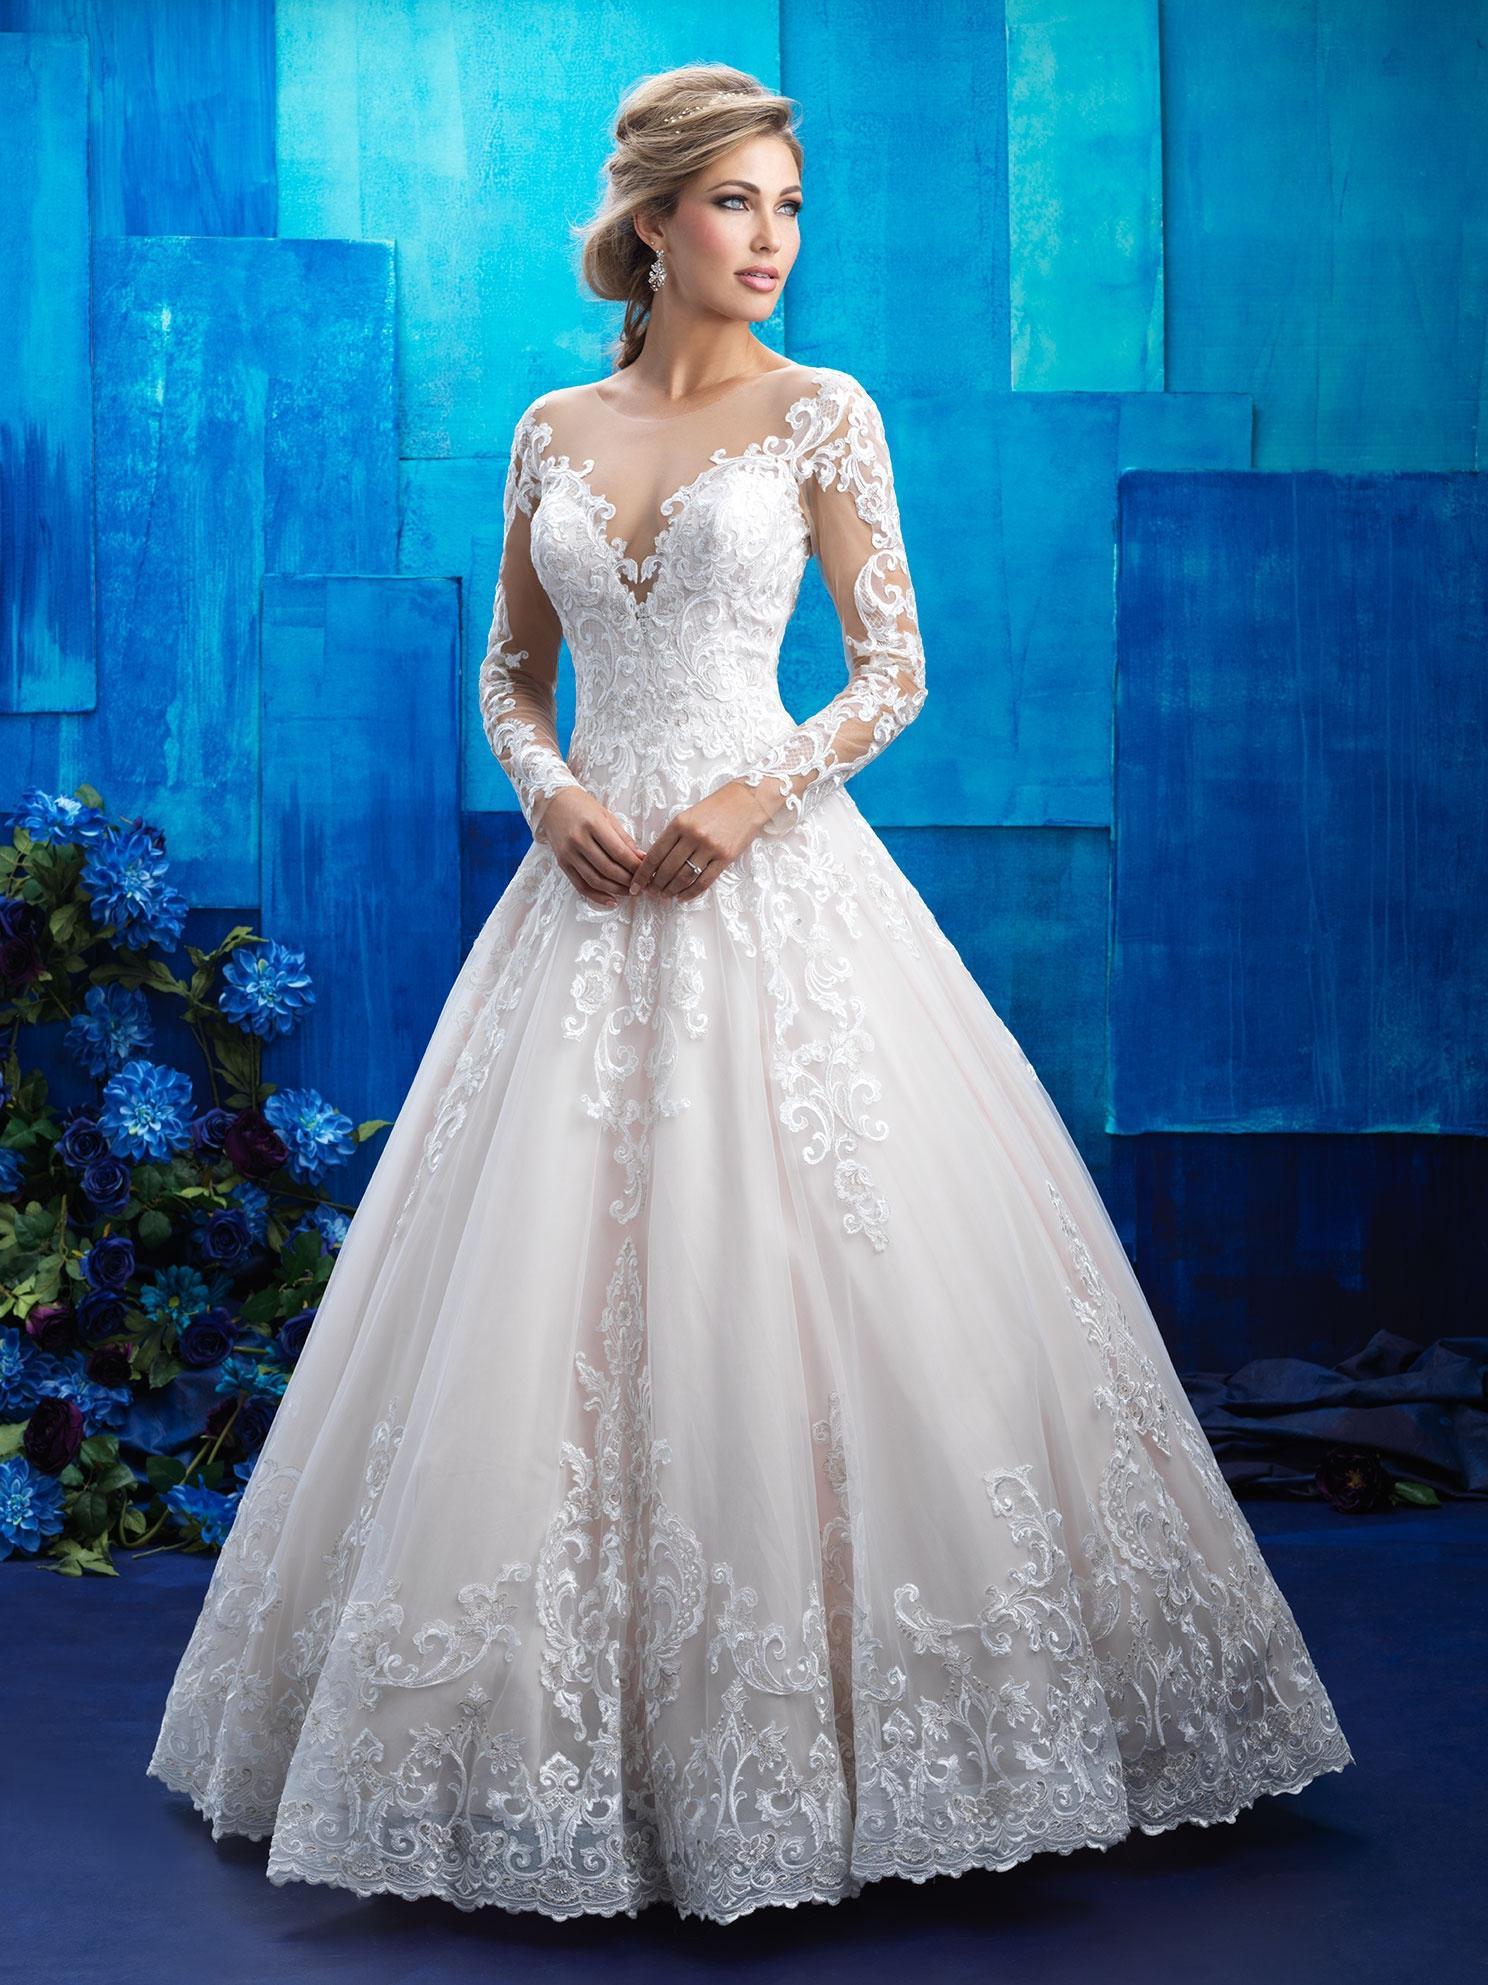 54d53f6cc Hochzeitskleider | Svadobný salón DIVA Bratislava, svadobné šaty ...